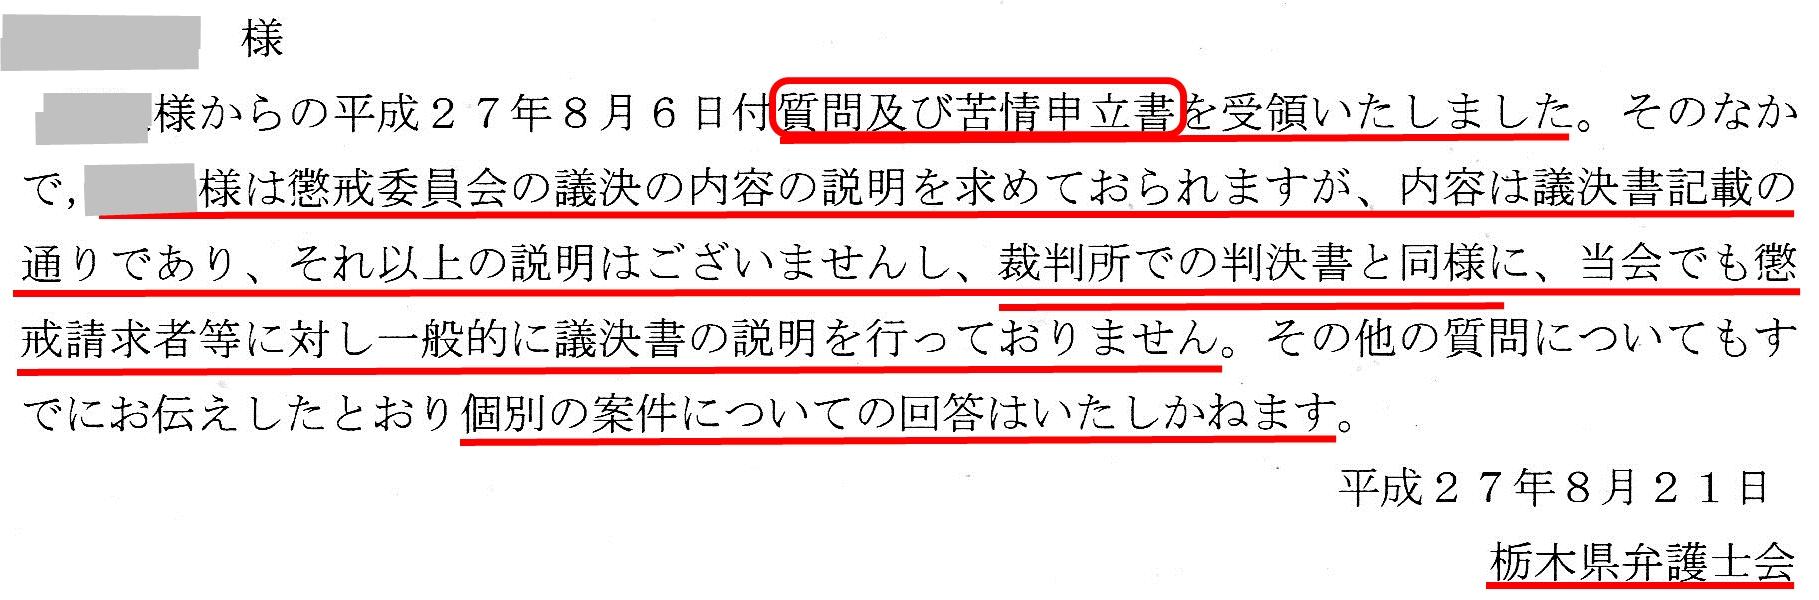 栃木県弁護士会質問拒否